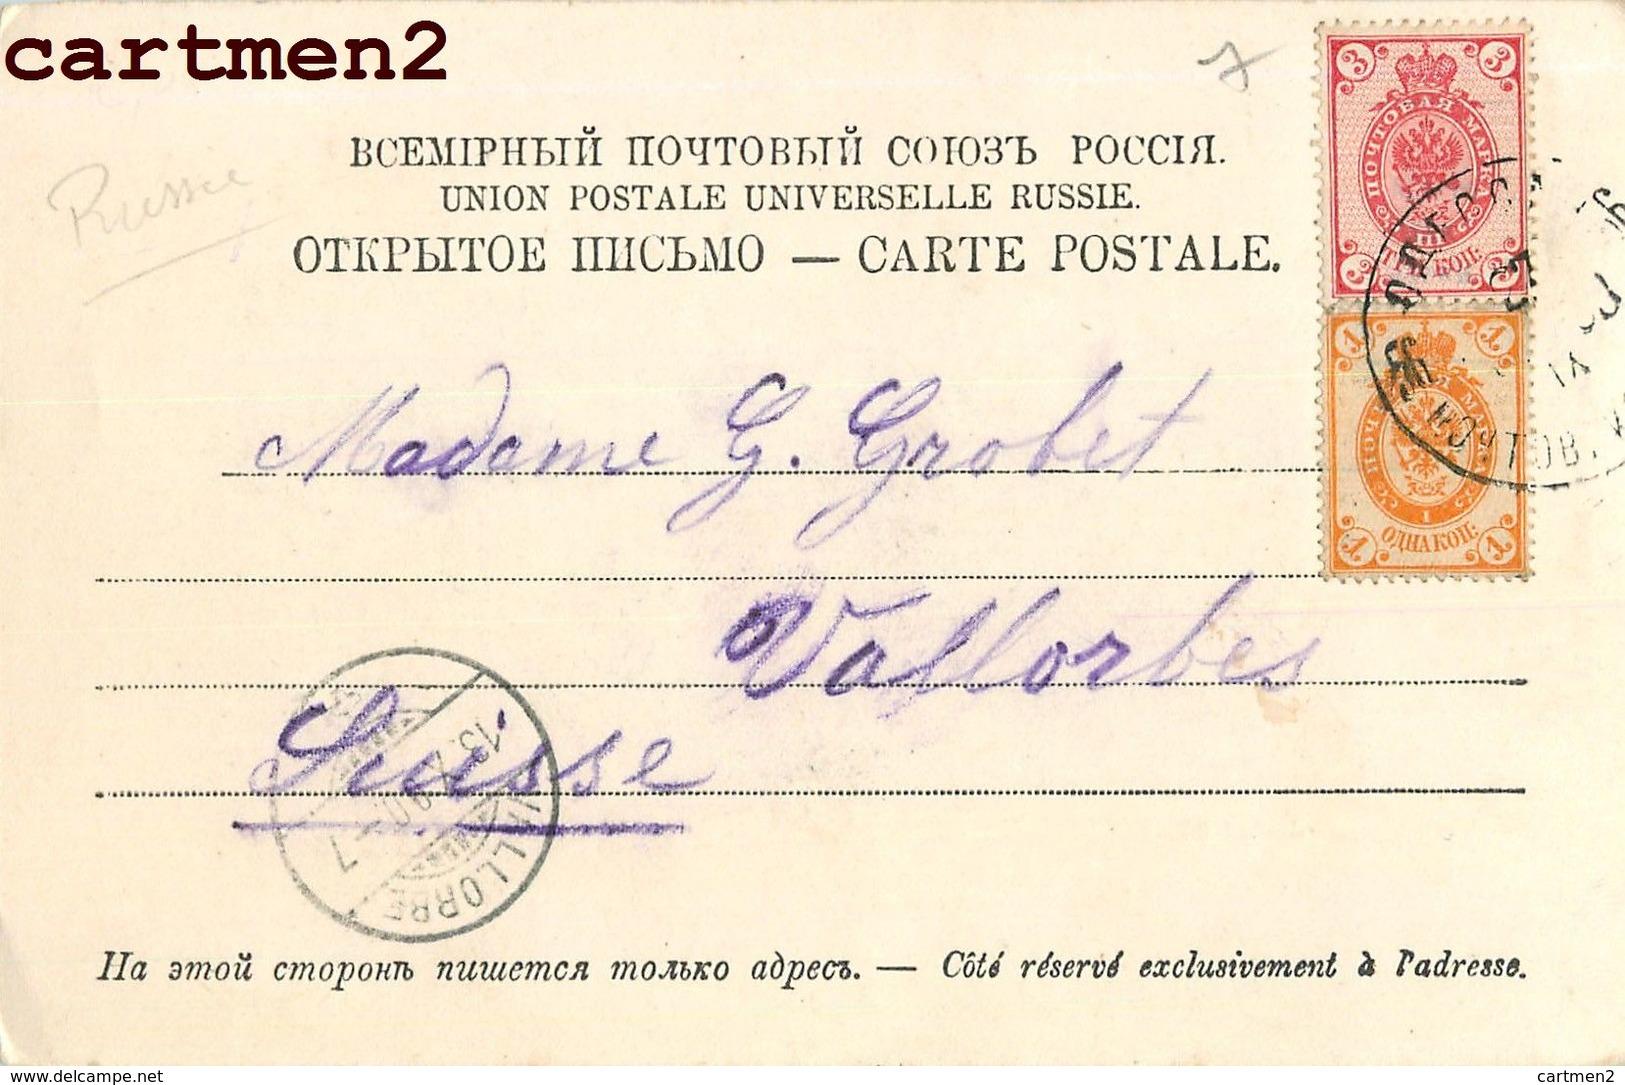 ODESSA LANGERON UKRAINE RUSSIE RUSSIA 1900 STENGEL § CO. - Ukraine